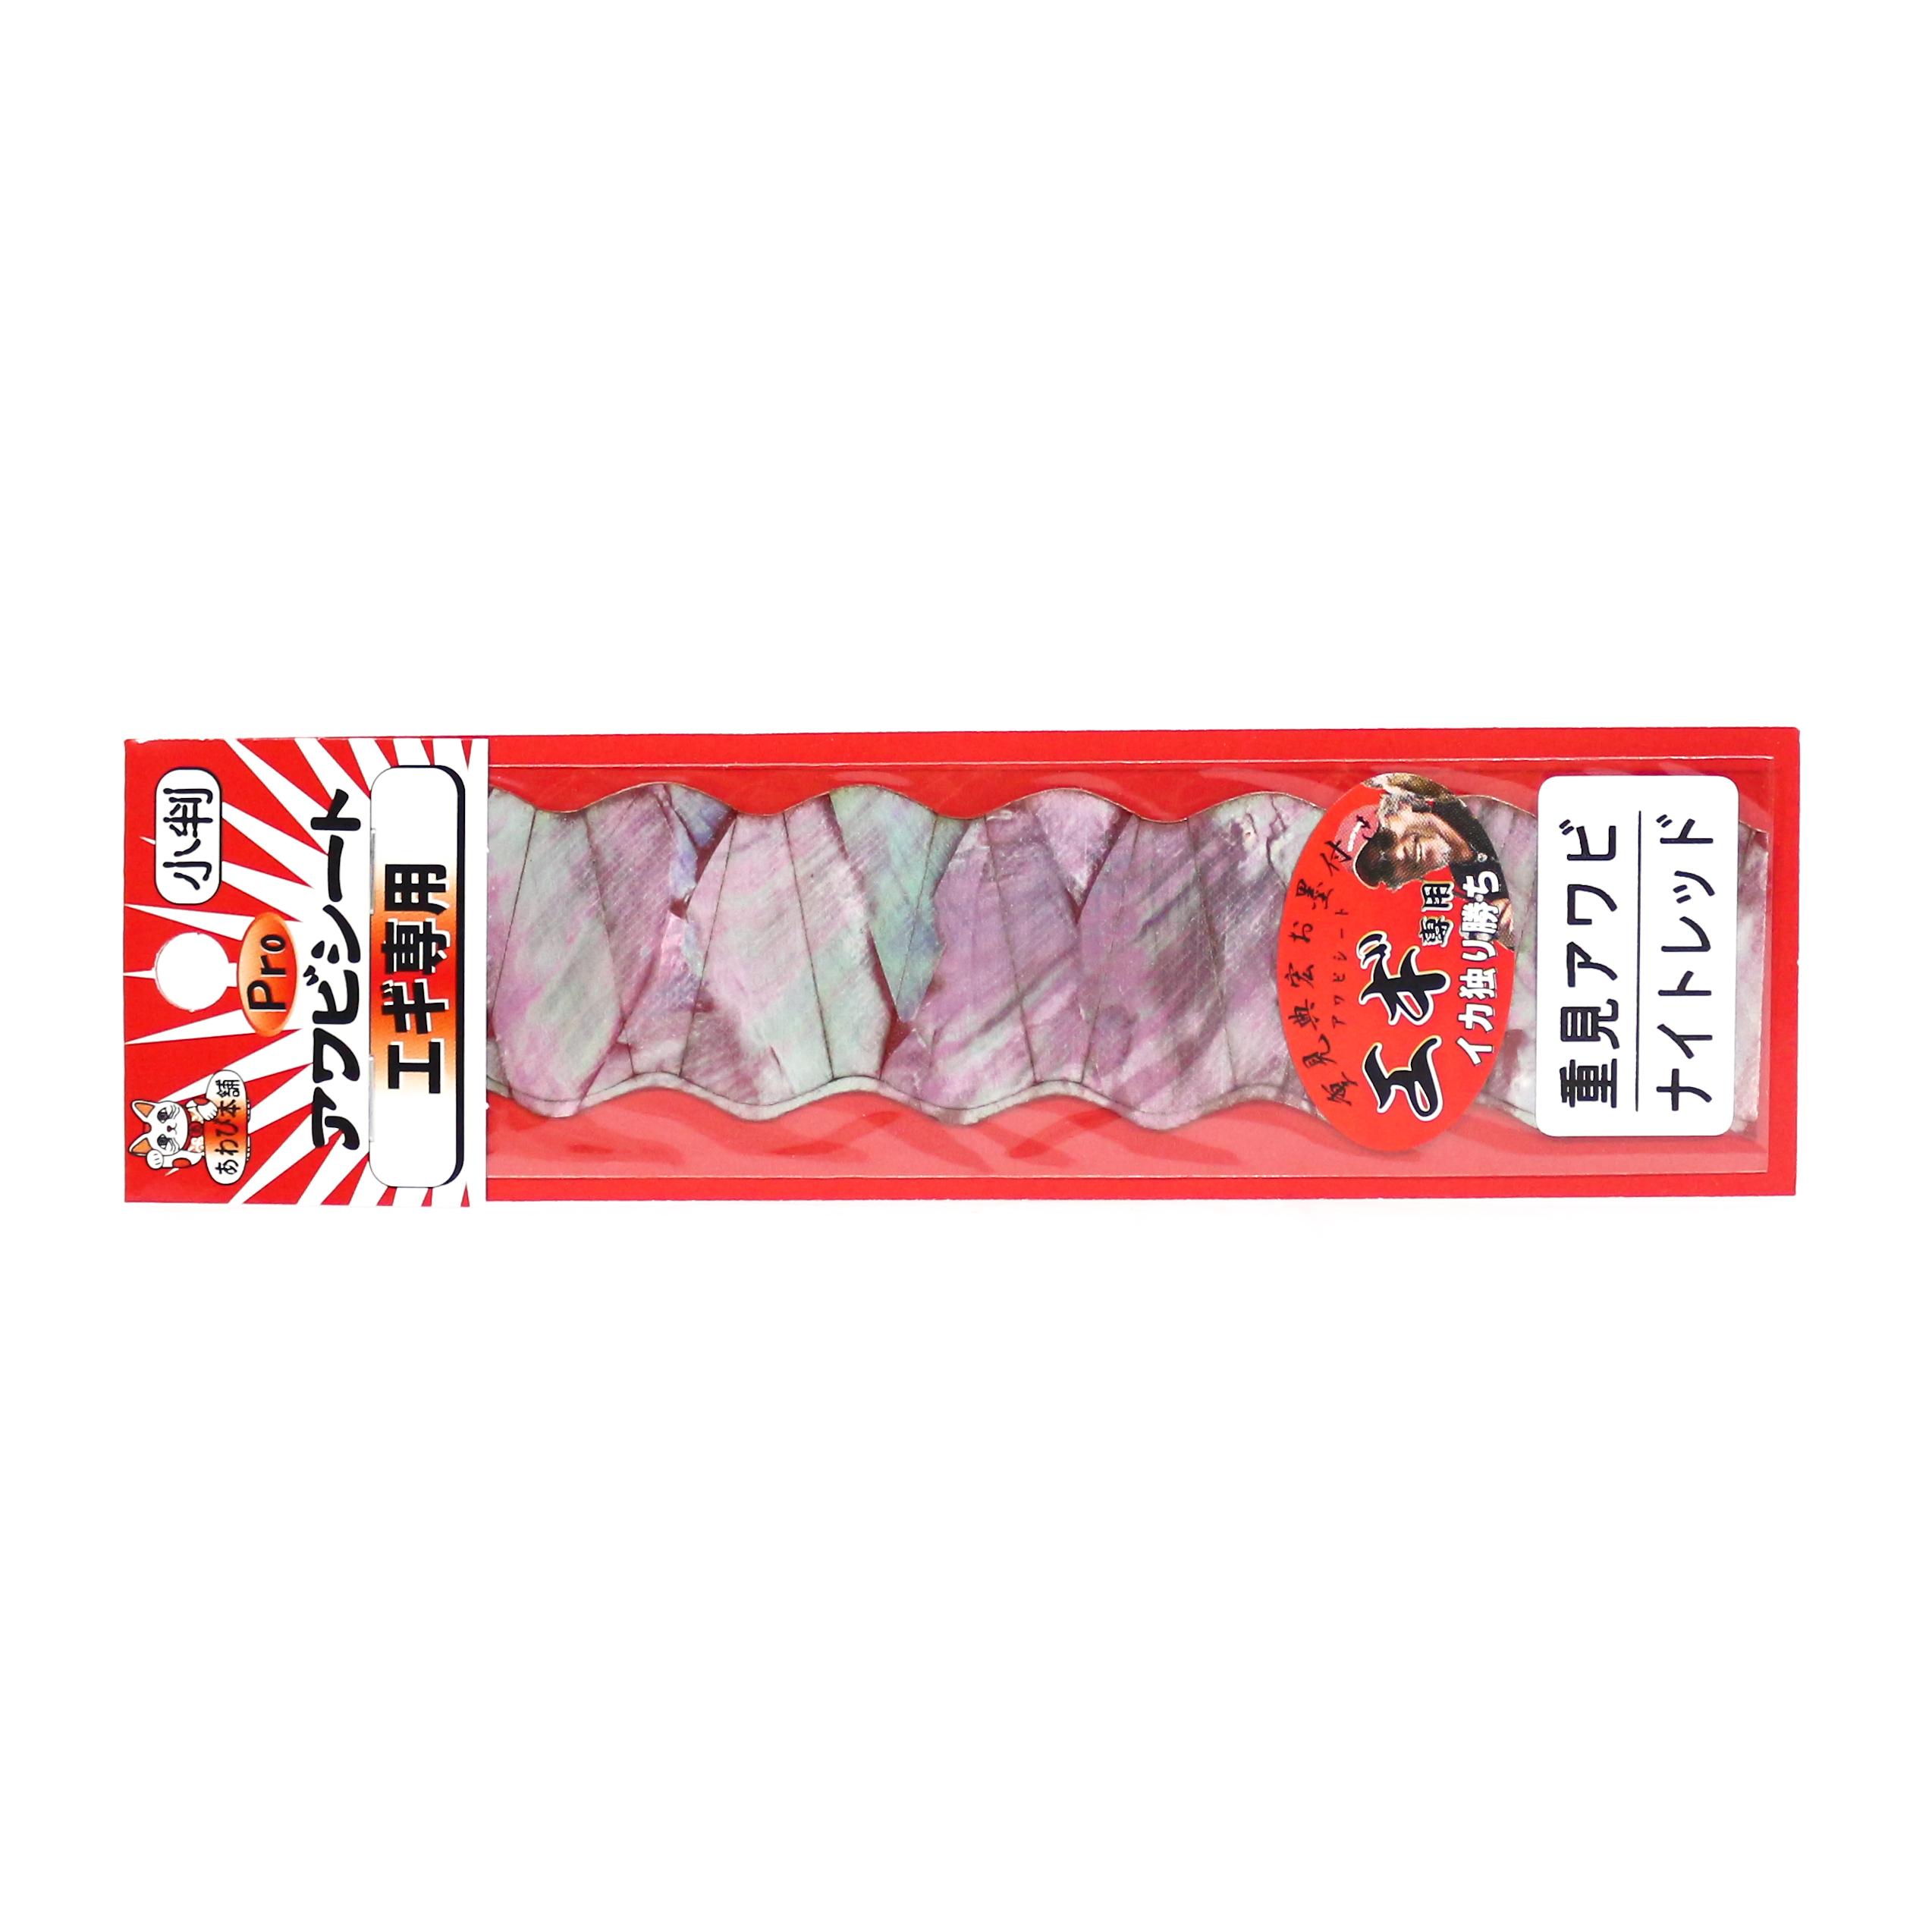 Awabi Honpo Pro Awabi Sheet Shigemi Size S 40 x 140 mm Night Red (2990)